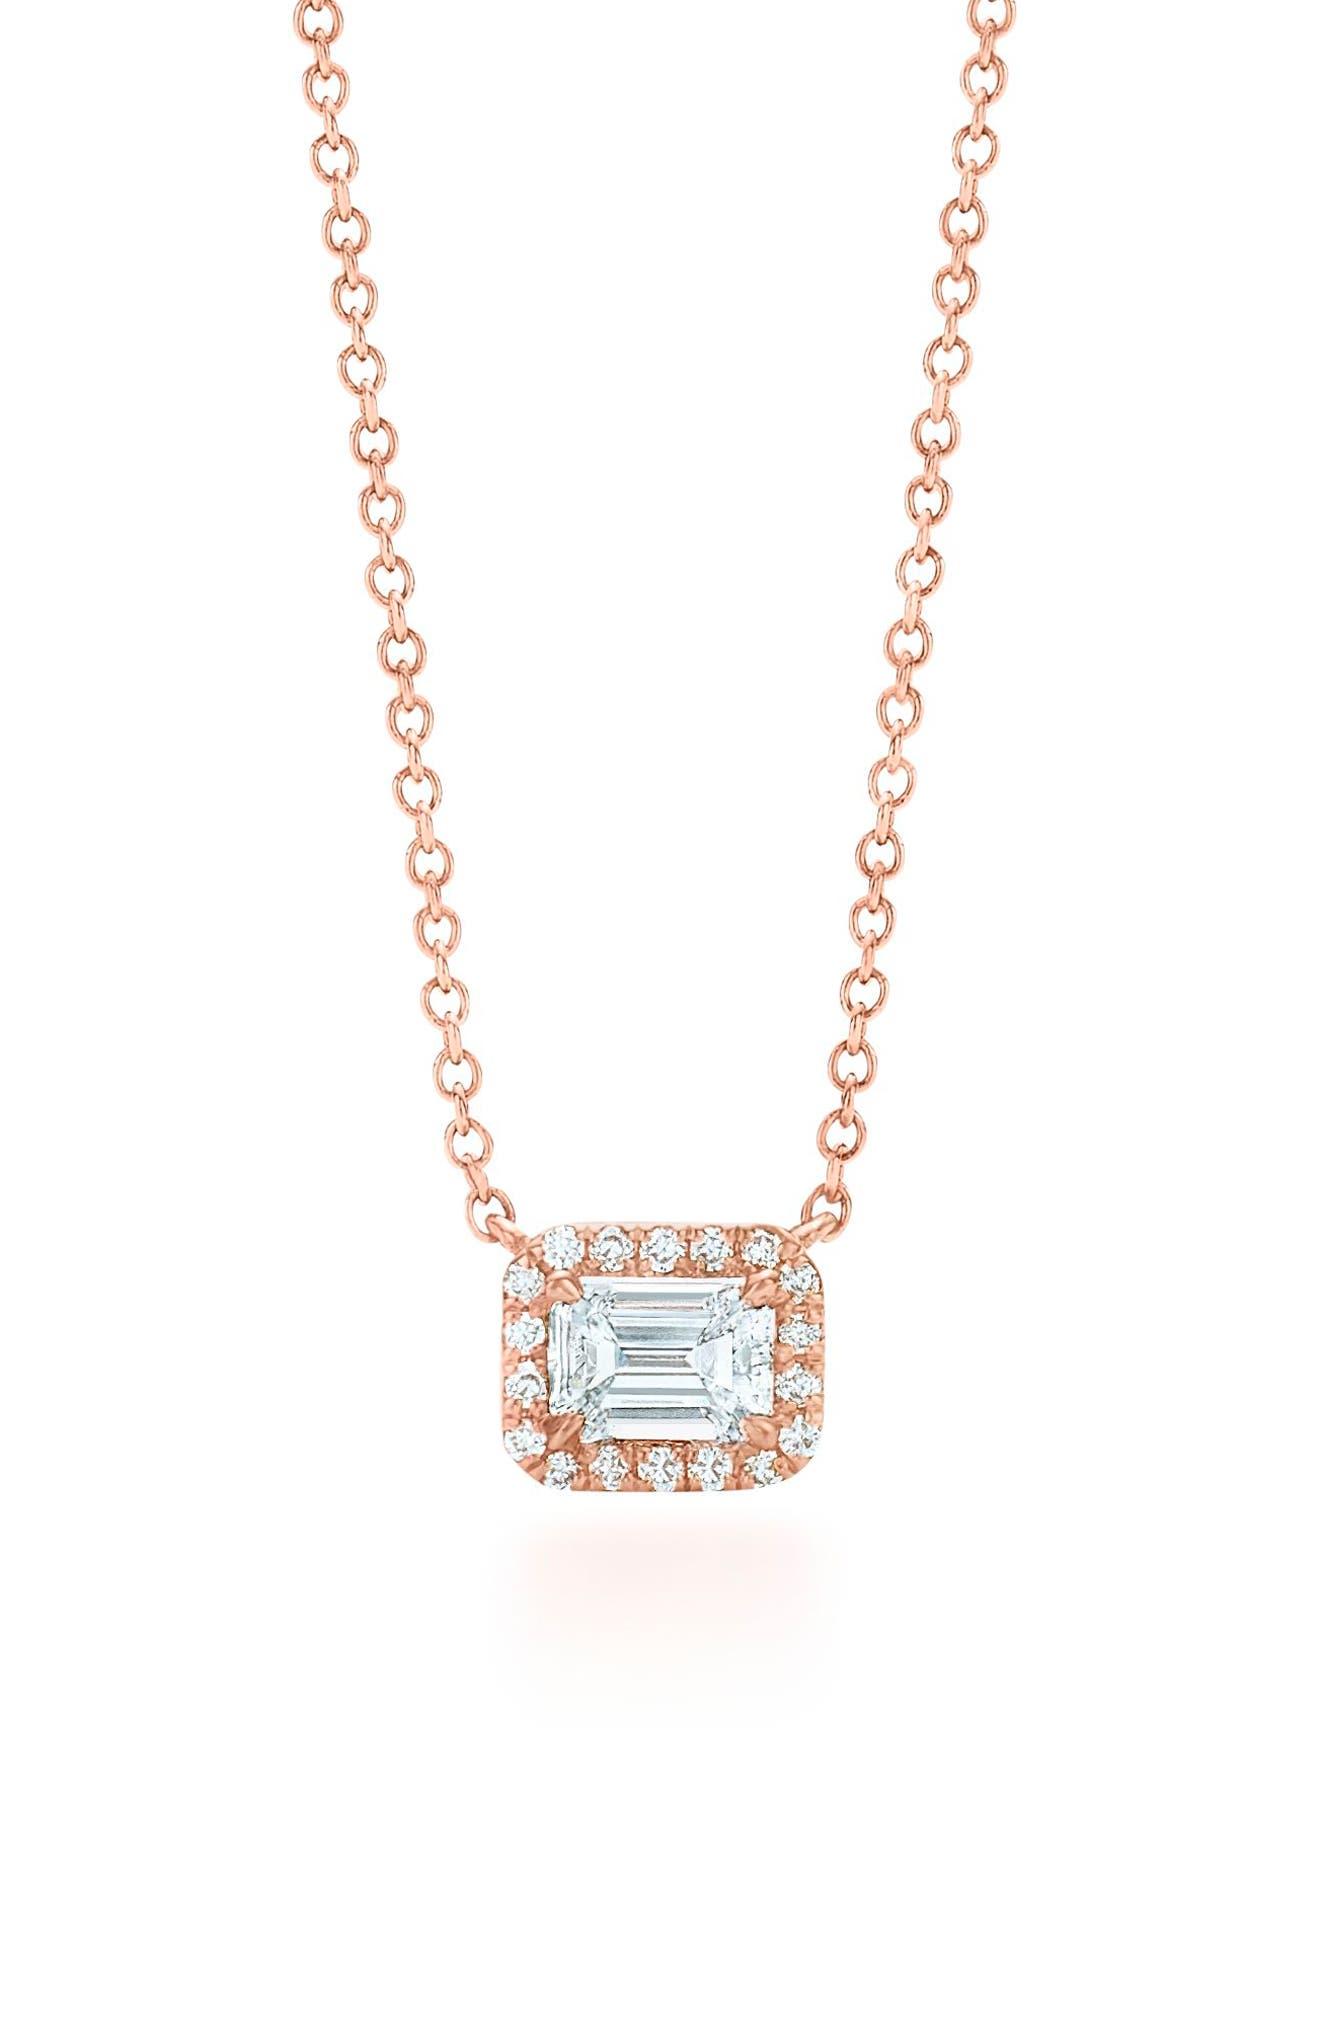 Emerald Cut Diamond Pendant Necklace,                         Main,                         color, ROSE GOLD